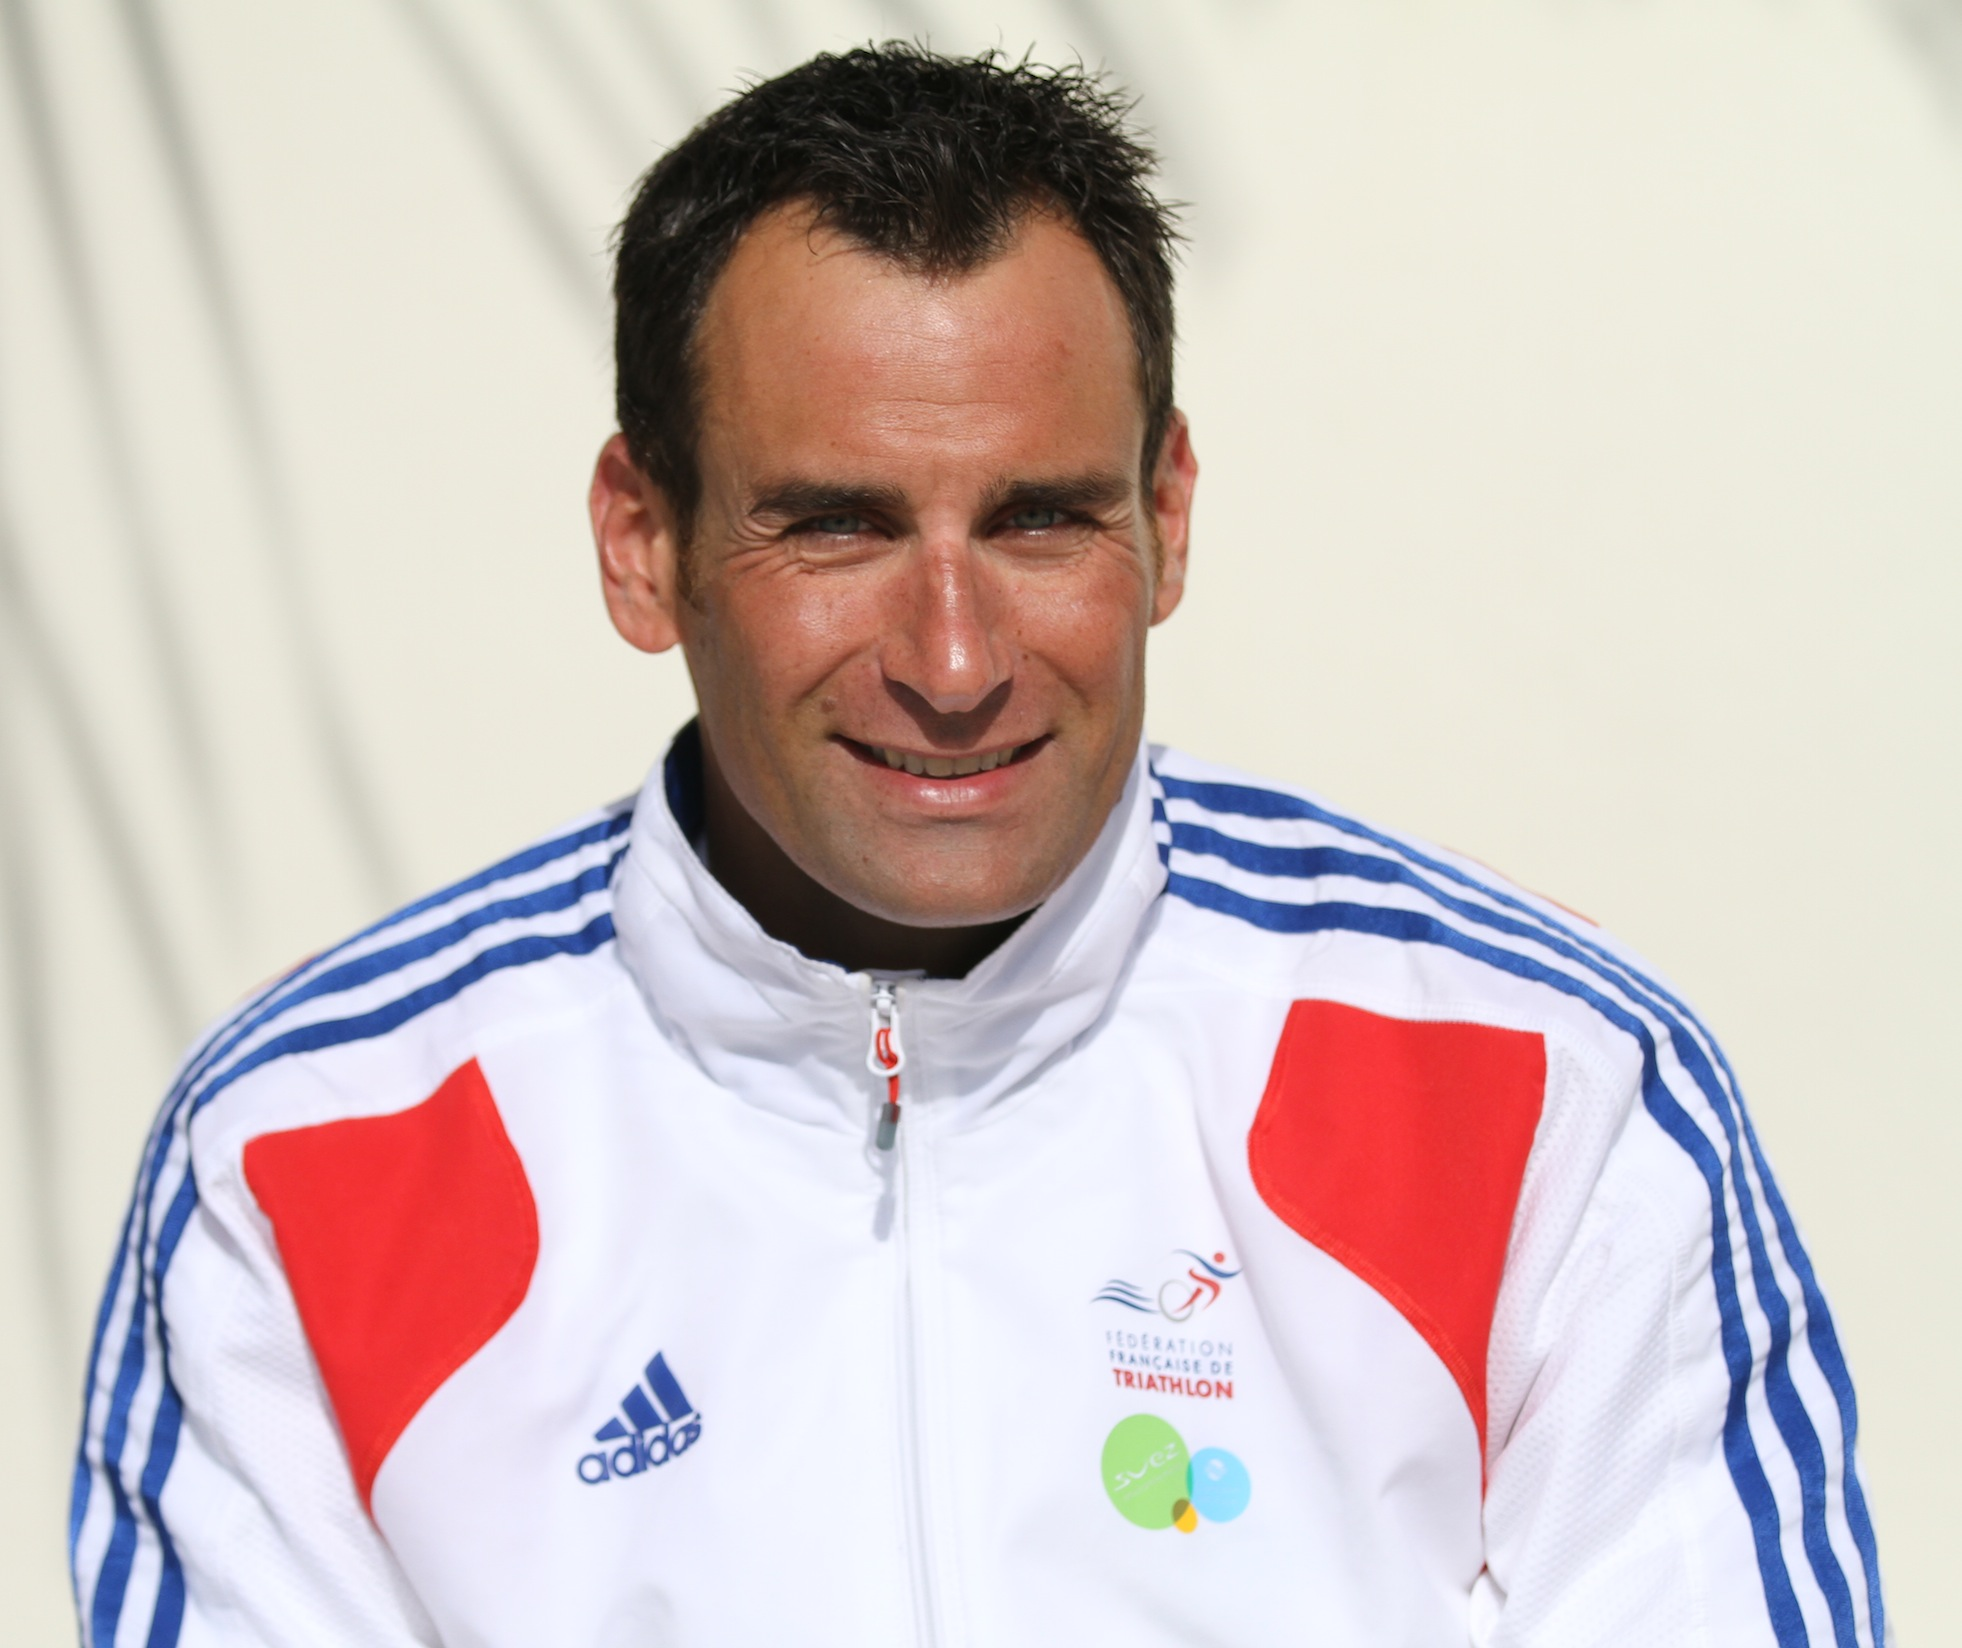 Stéphane Poulat: Objectifs 2012